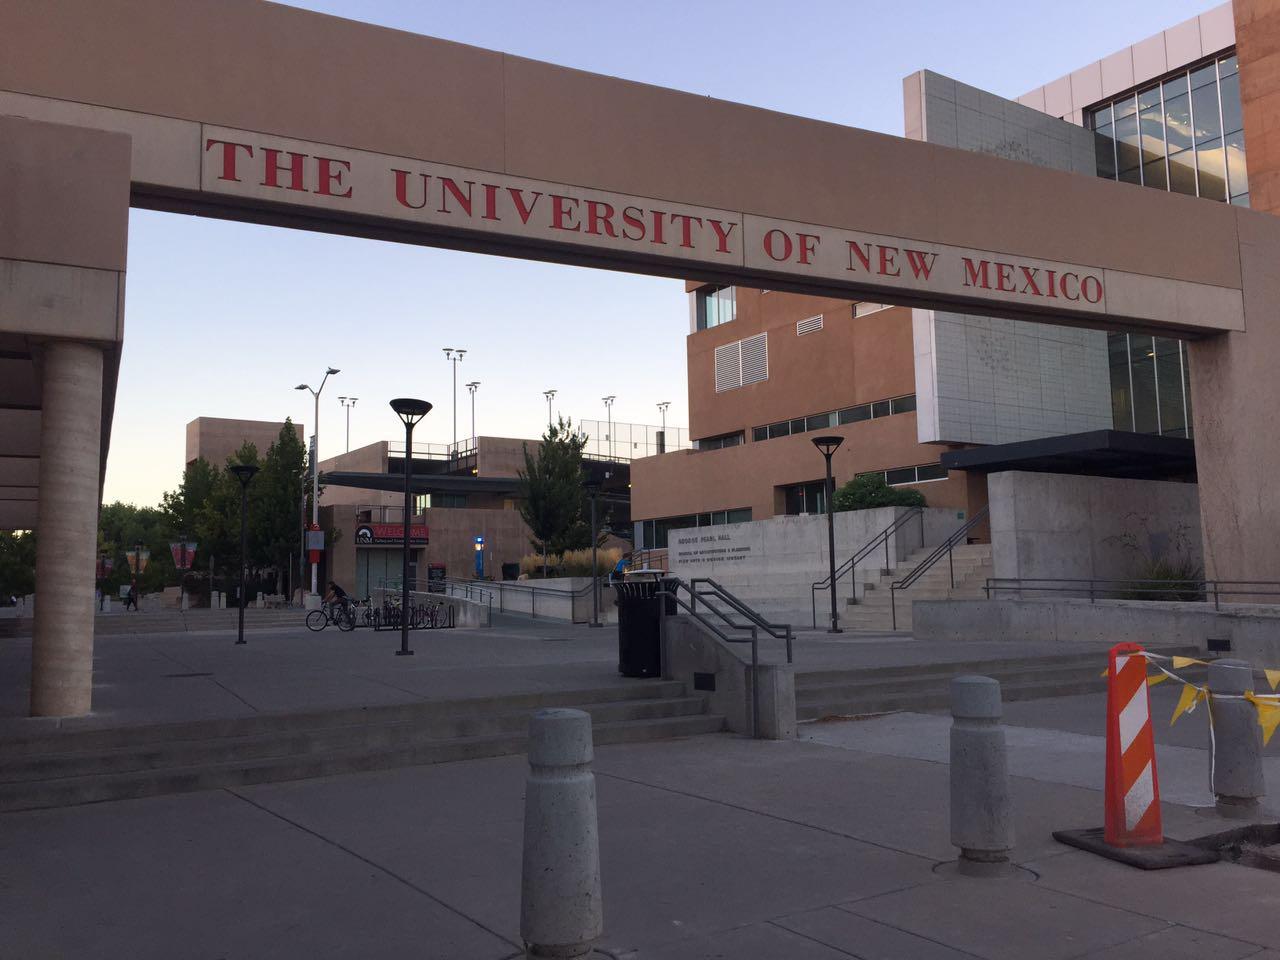 关于开展与美国新墨西哥大学2017年中外人才培养项目学生选拔的通知